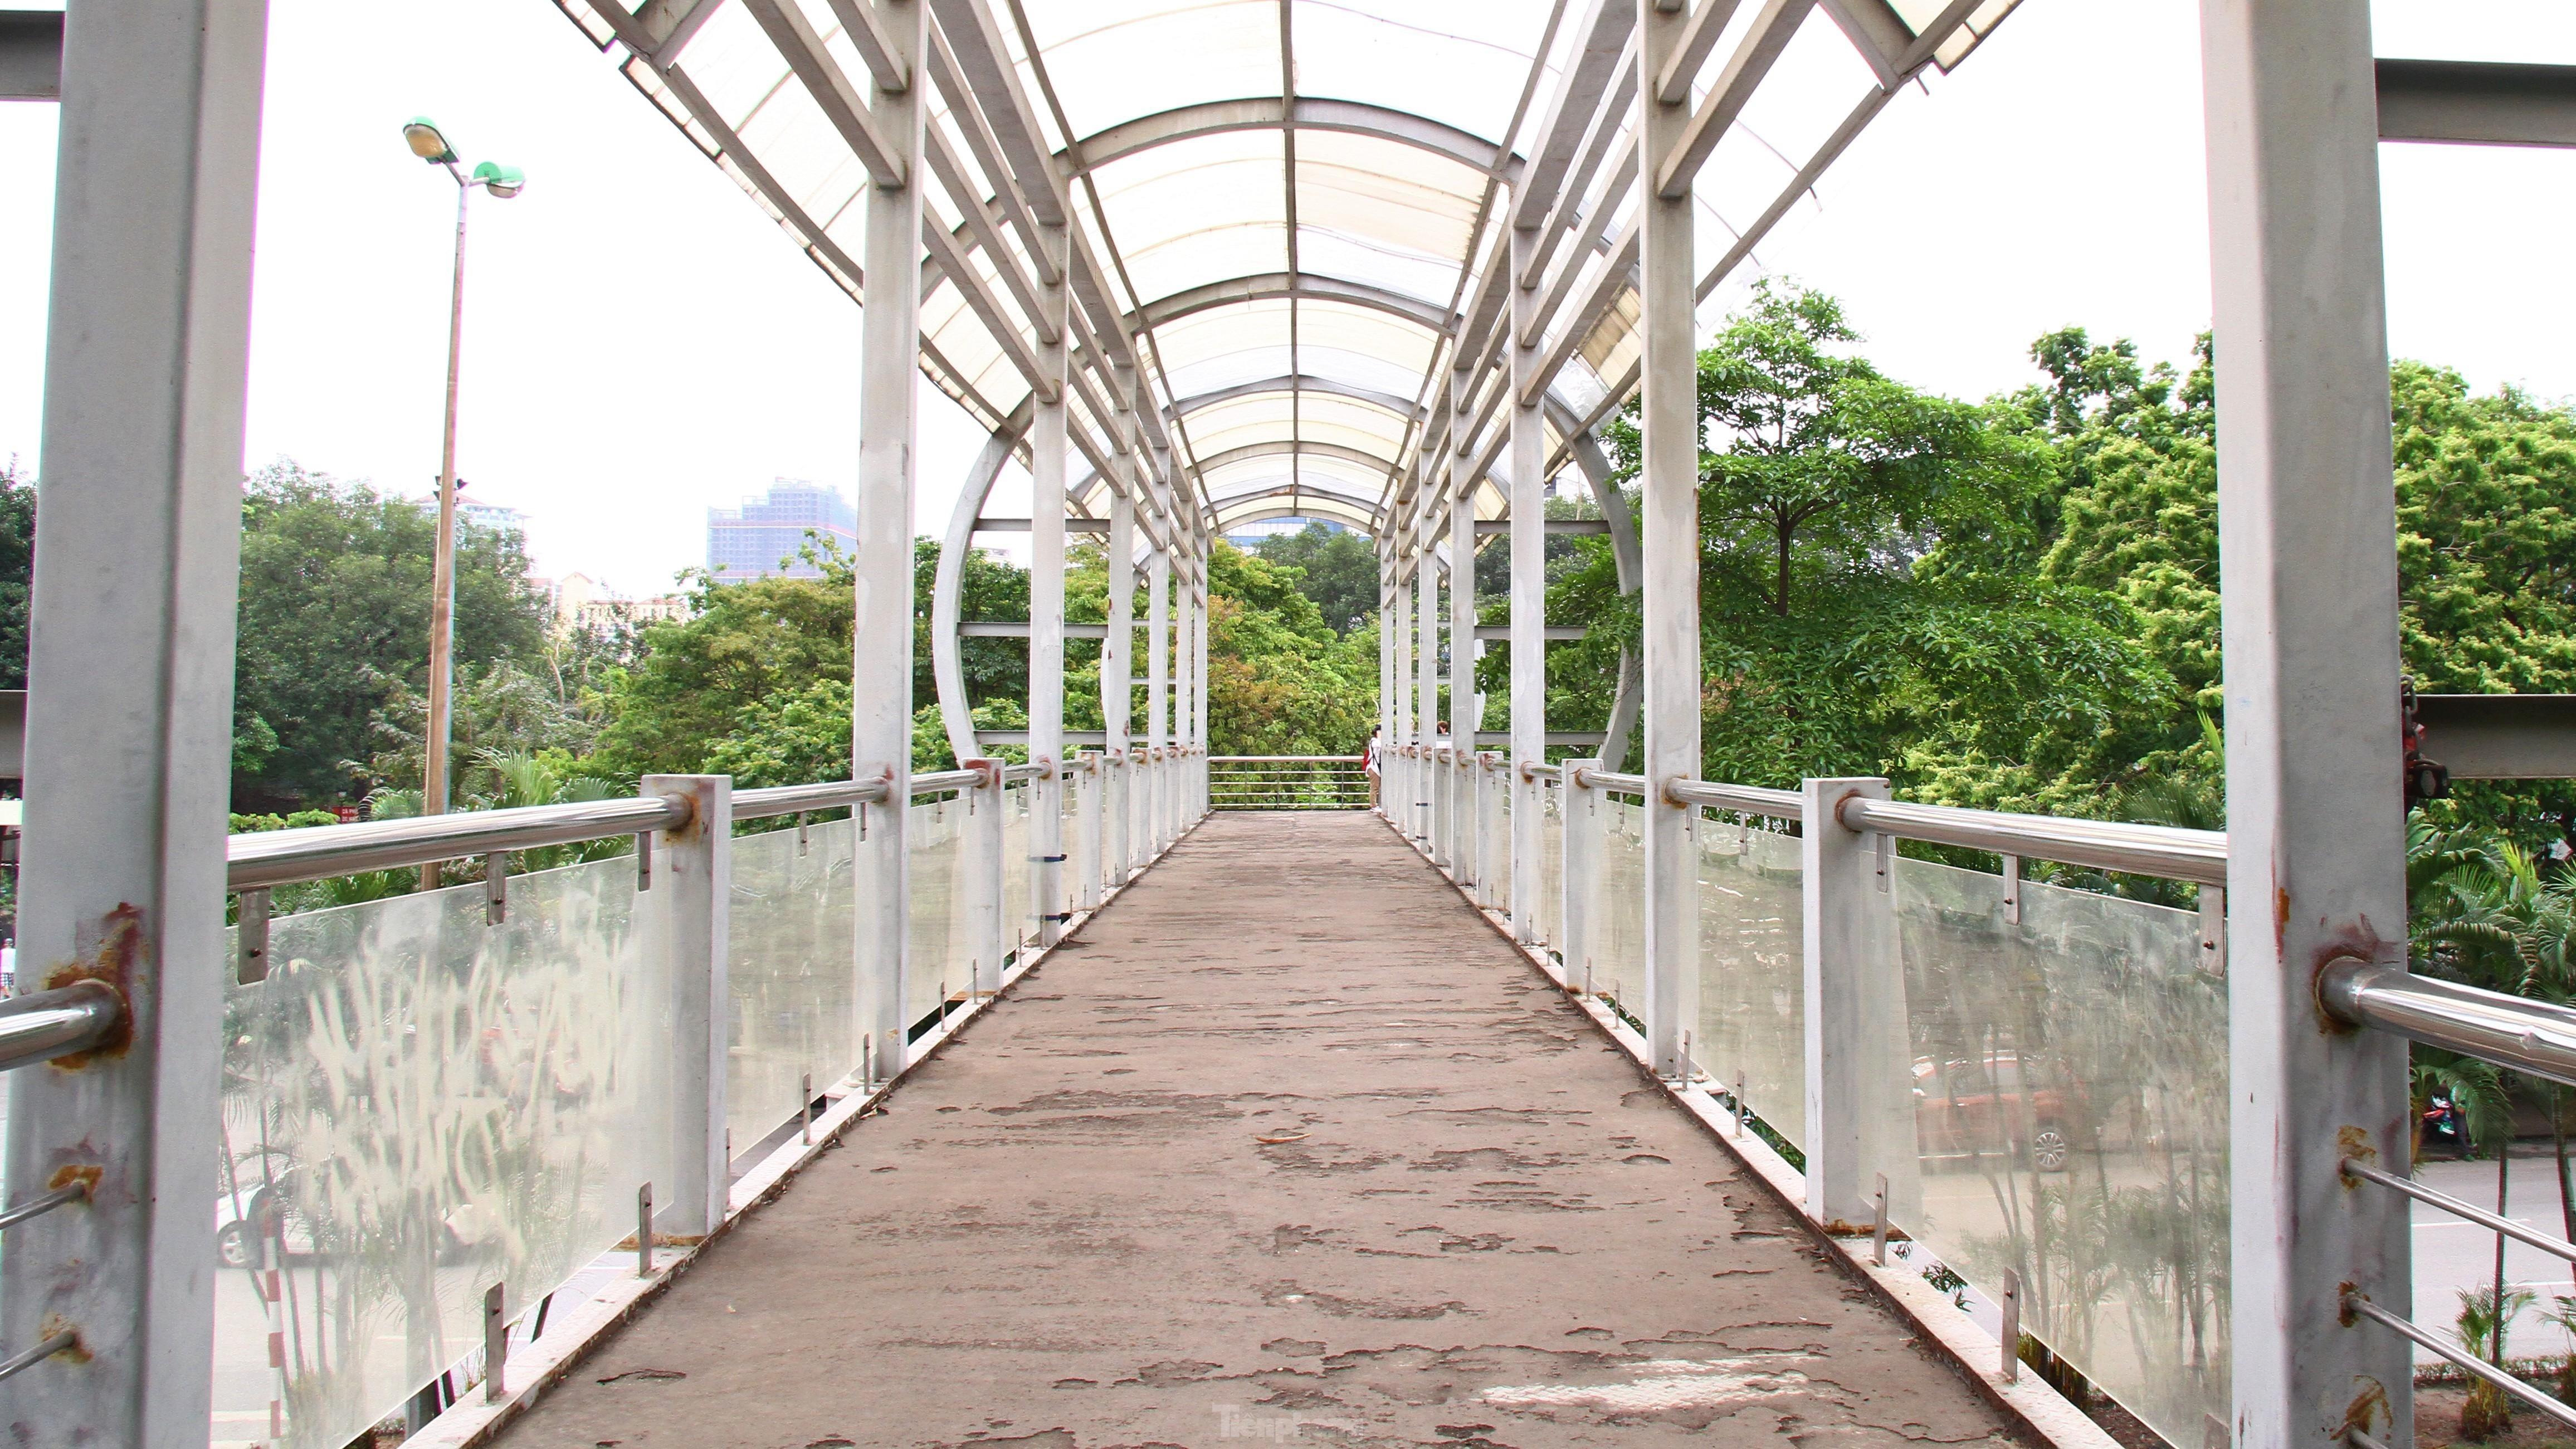 Cầu vượt, hầm đường bộ ngày 'ế khách', tối thành chốn hẹn hò - 1